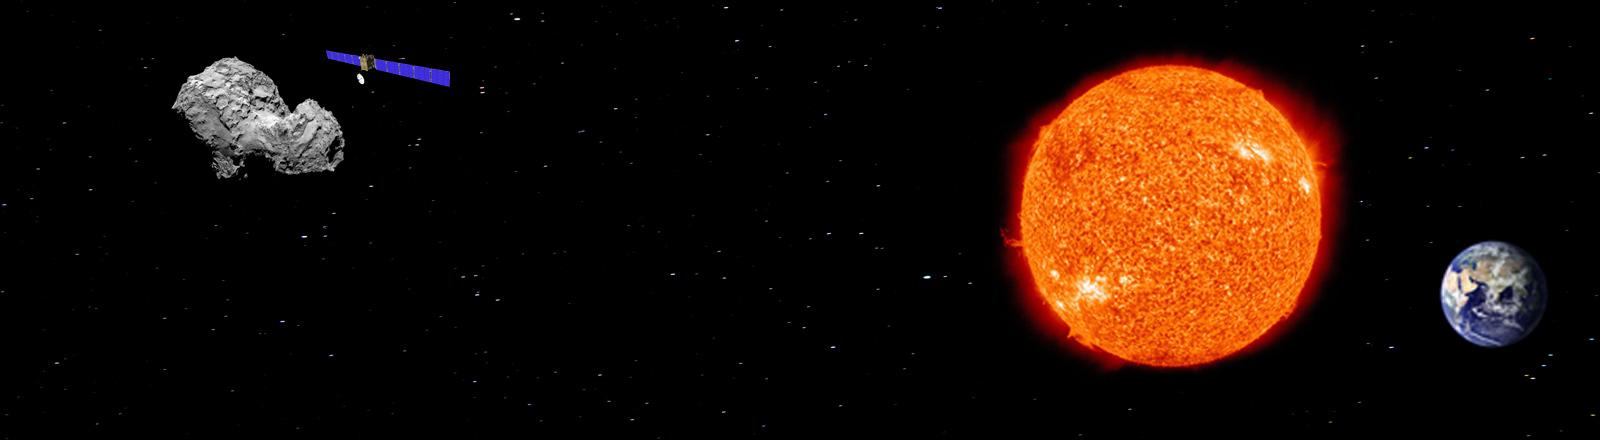 Fotomontage, die die Erde, die Sonne, den Kometen 67P und die Raumsonde Rosetta zeigt.